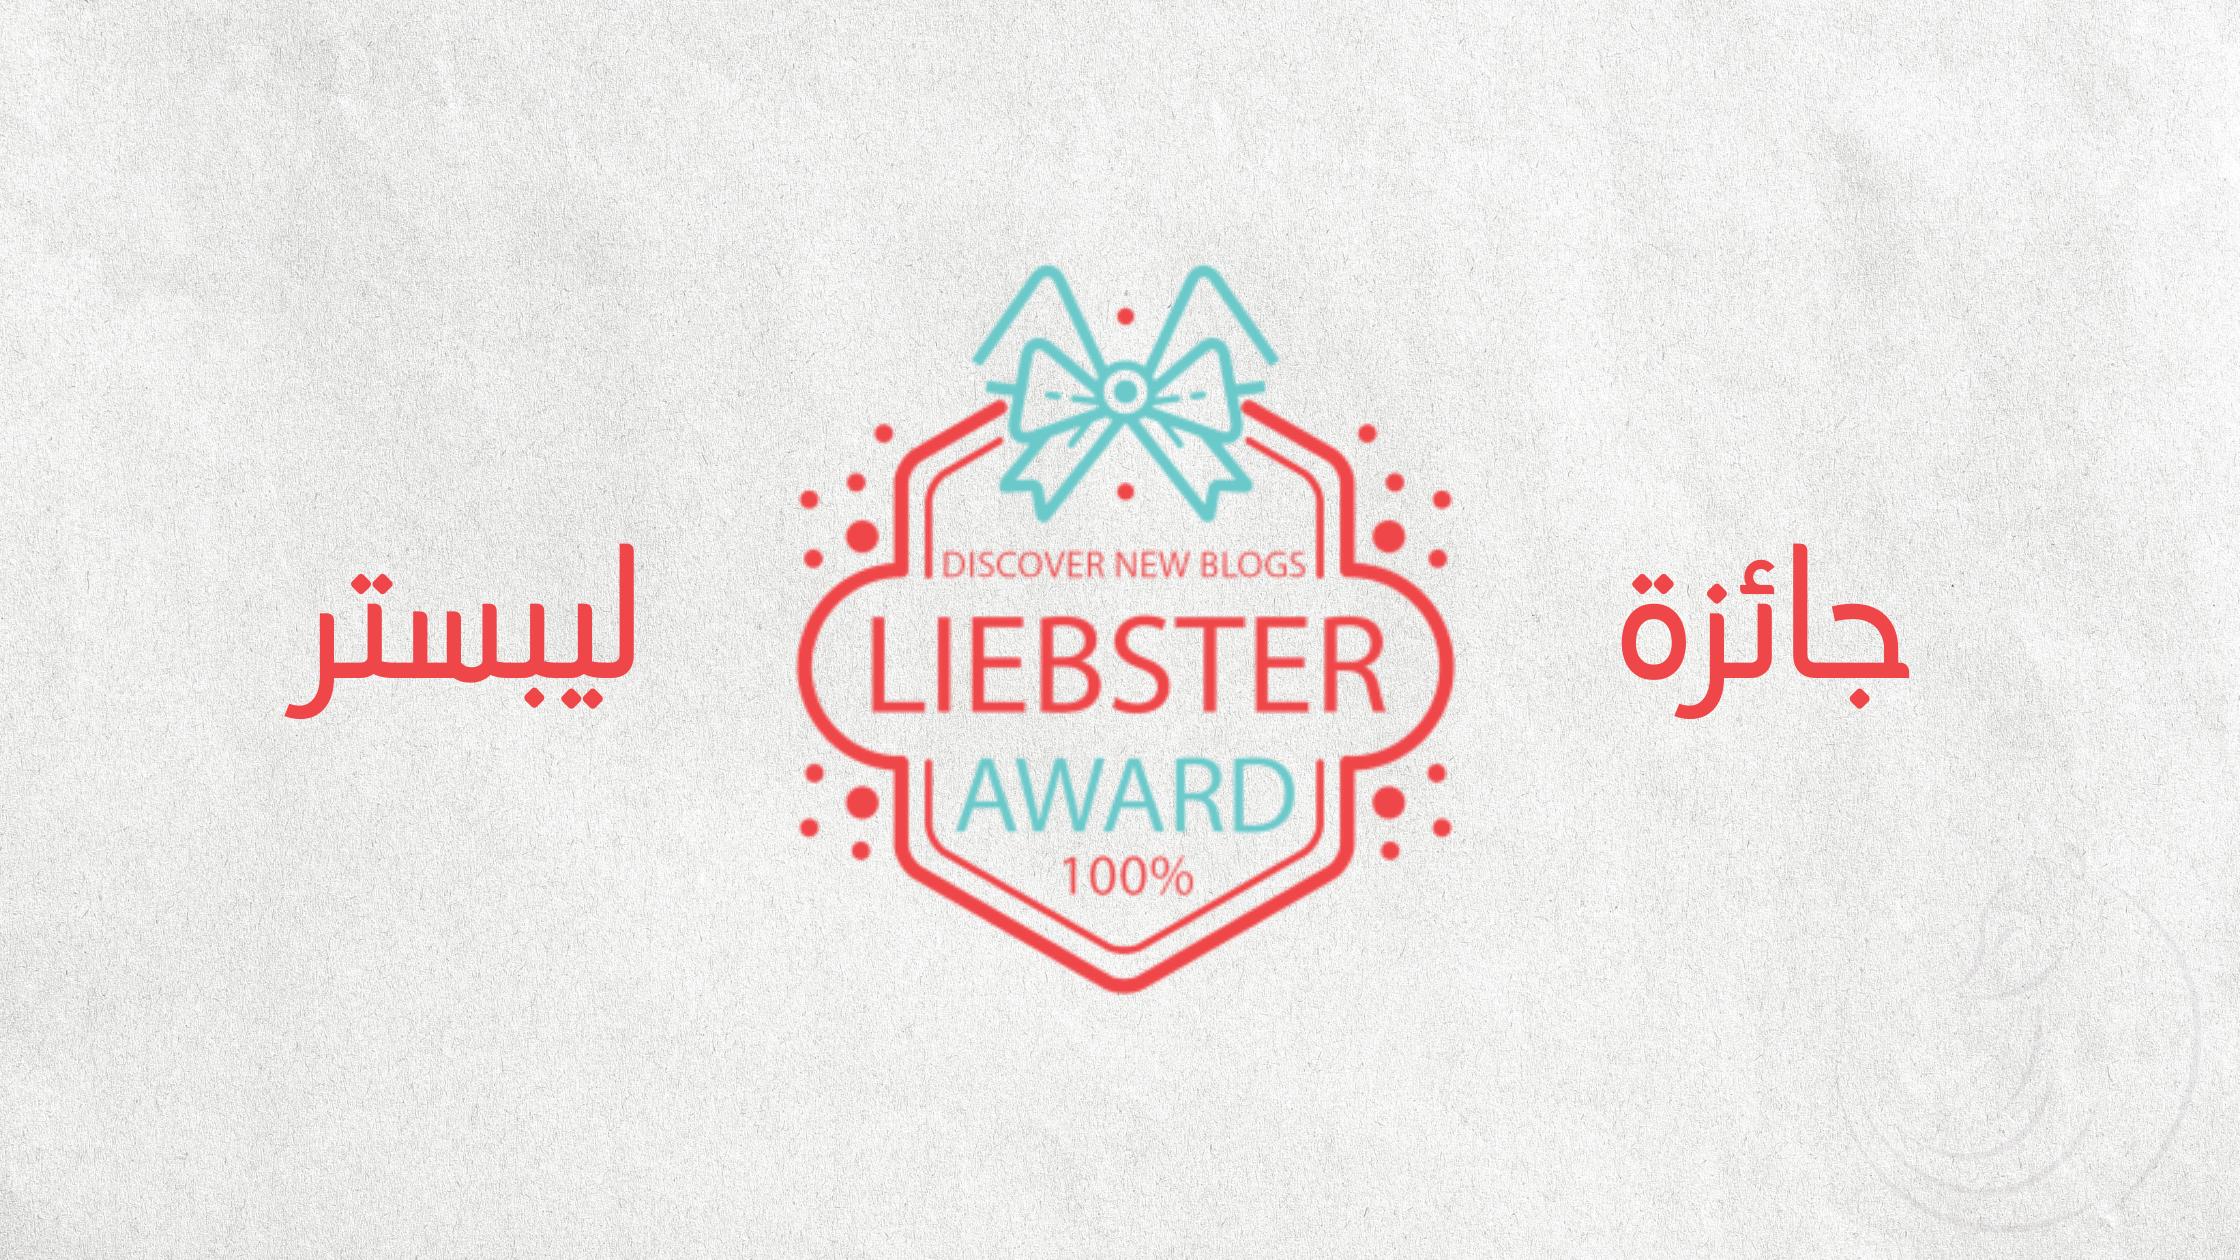 جائزة ليبستر وإجابات على أسئلة طرحها فرزت الشياح